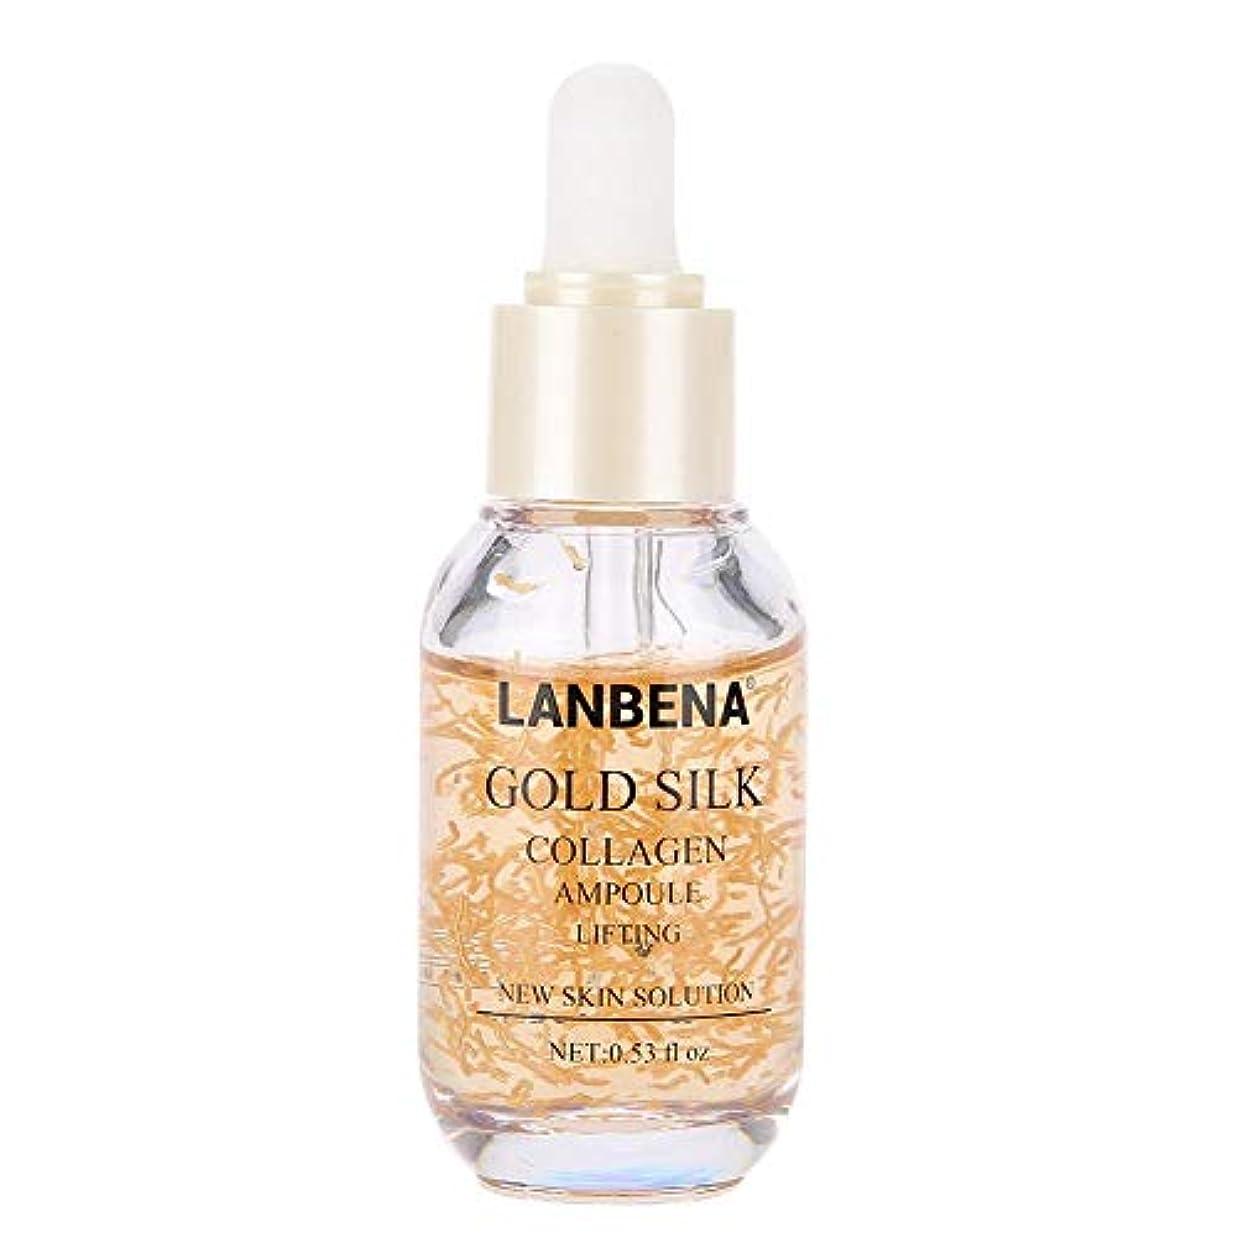 コラーゲンフェイシャルエッセンス、肌への潤い 修理 保湿 引き締め 肌の輝き ユニセックス スキンケア製品